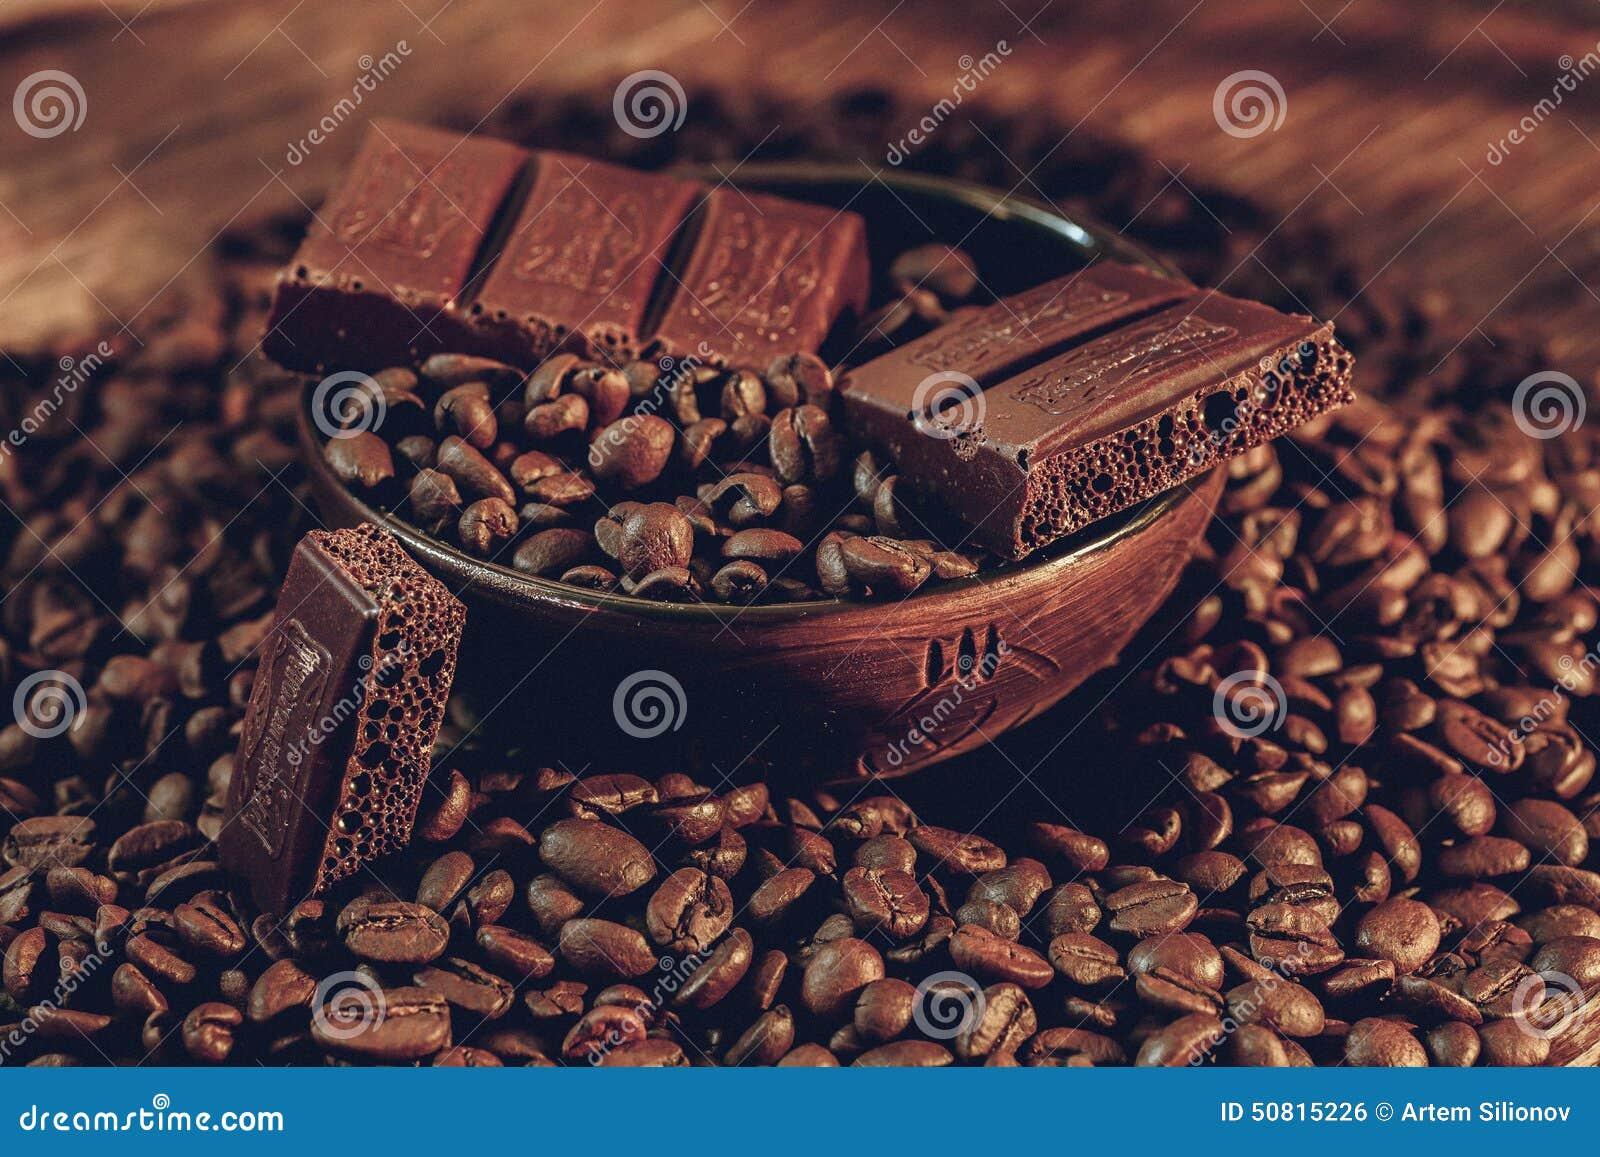 Feijões de café em uma bacia de barras de chocolate